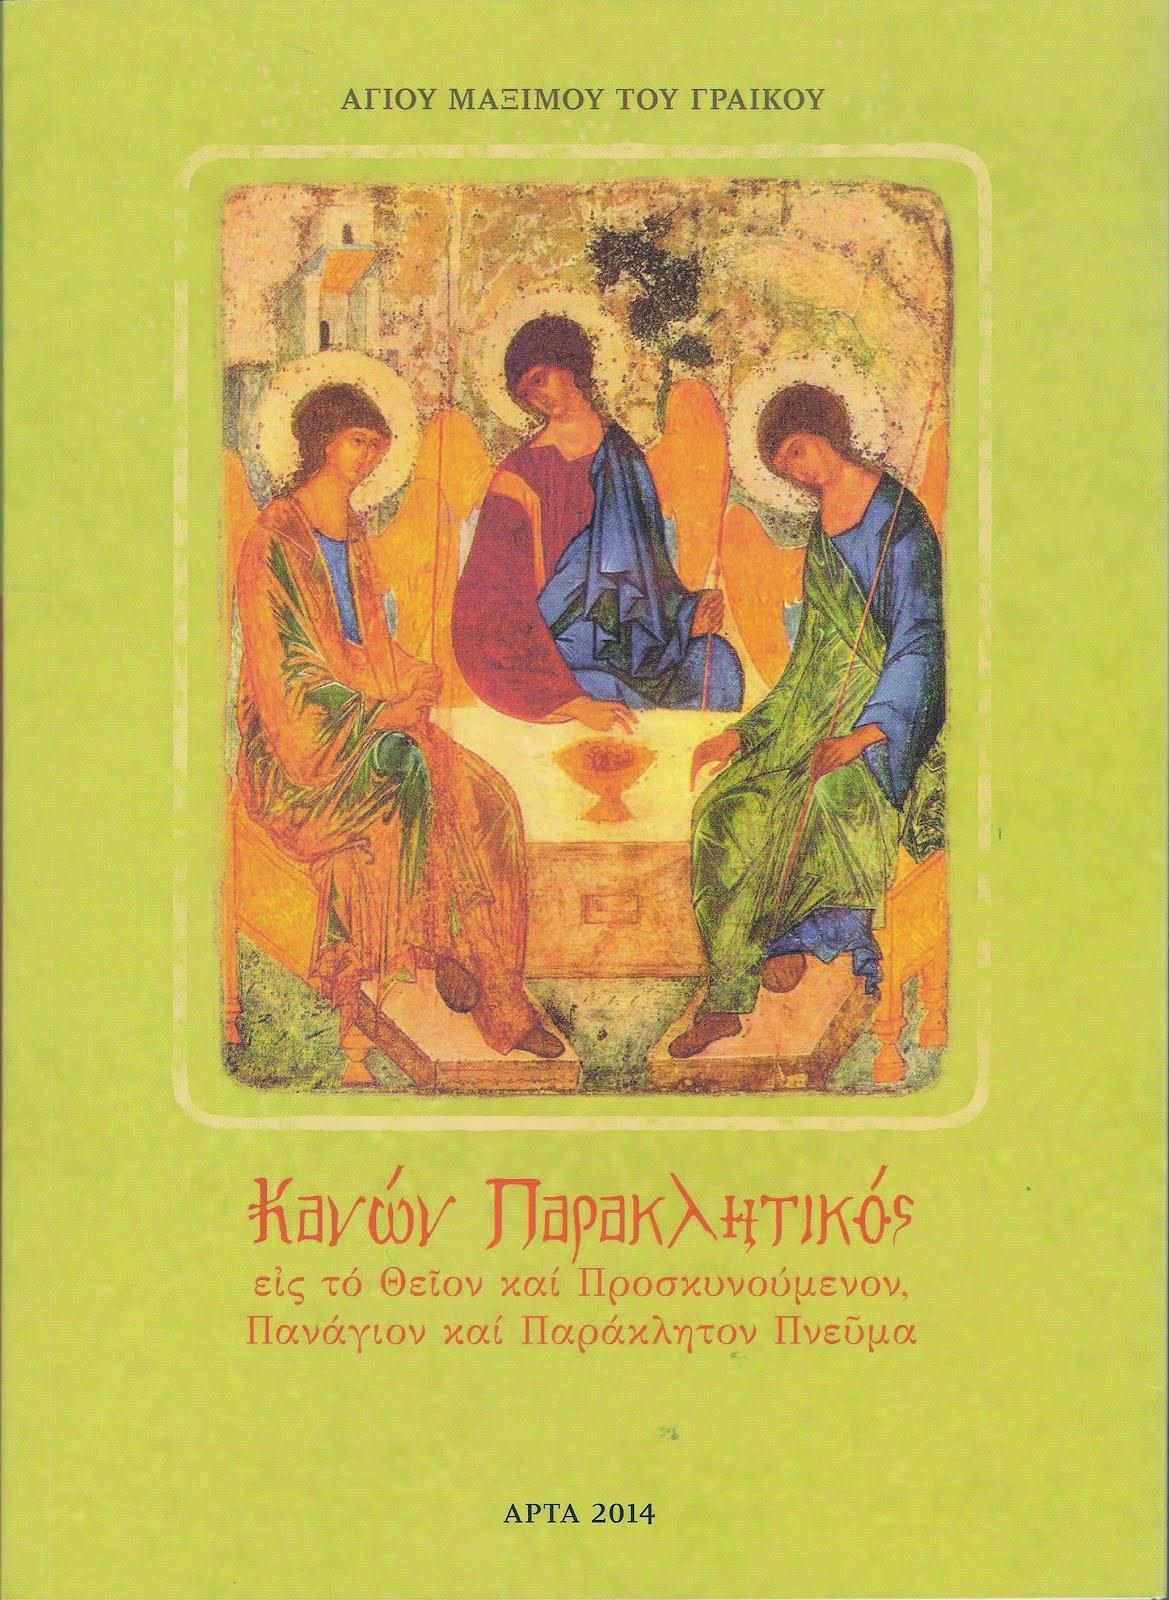 Κανών Παρακλητικός εις το θείον και Προσκυνούμενον Πανάγιον και Παράκλητον Πνεύμα